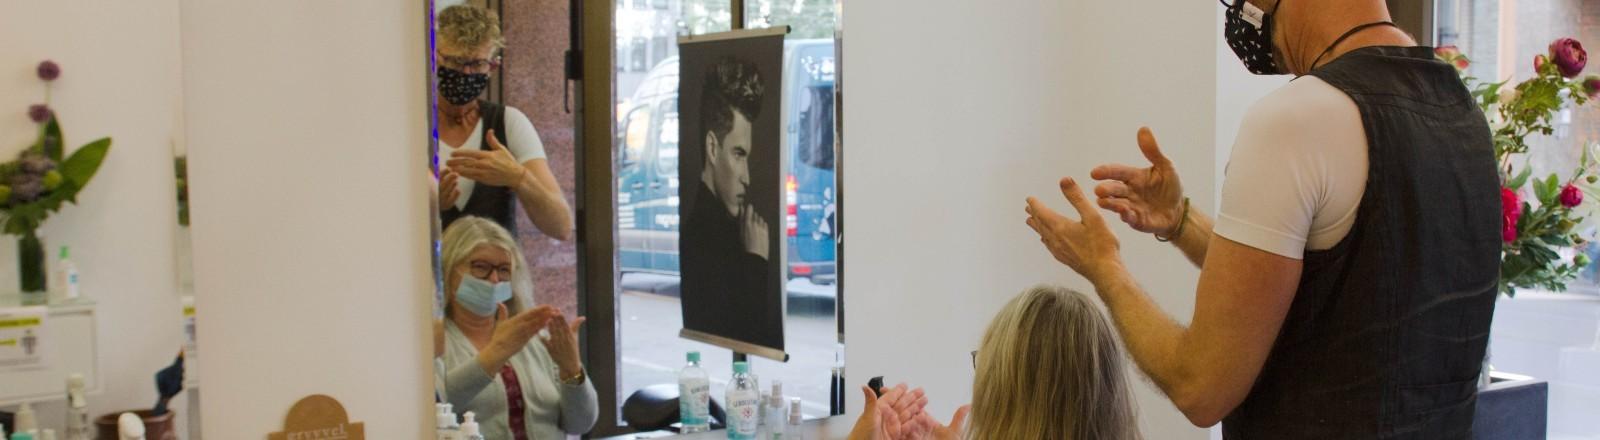 Der gehörlose Friseur Ralph unterhält sich mit einer Kundin